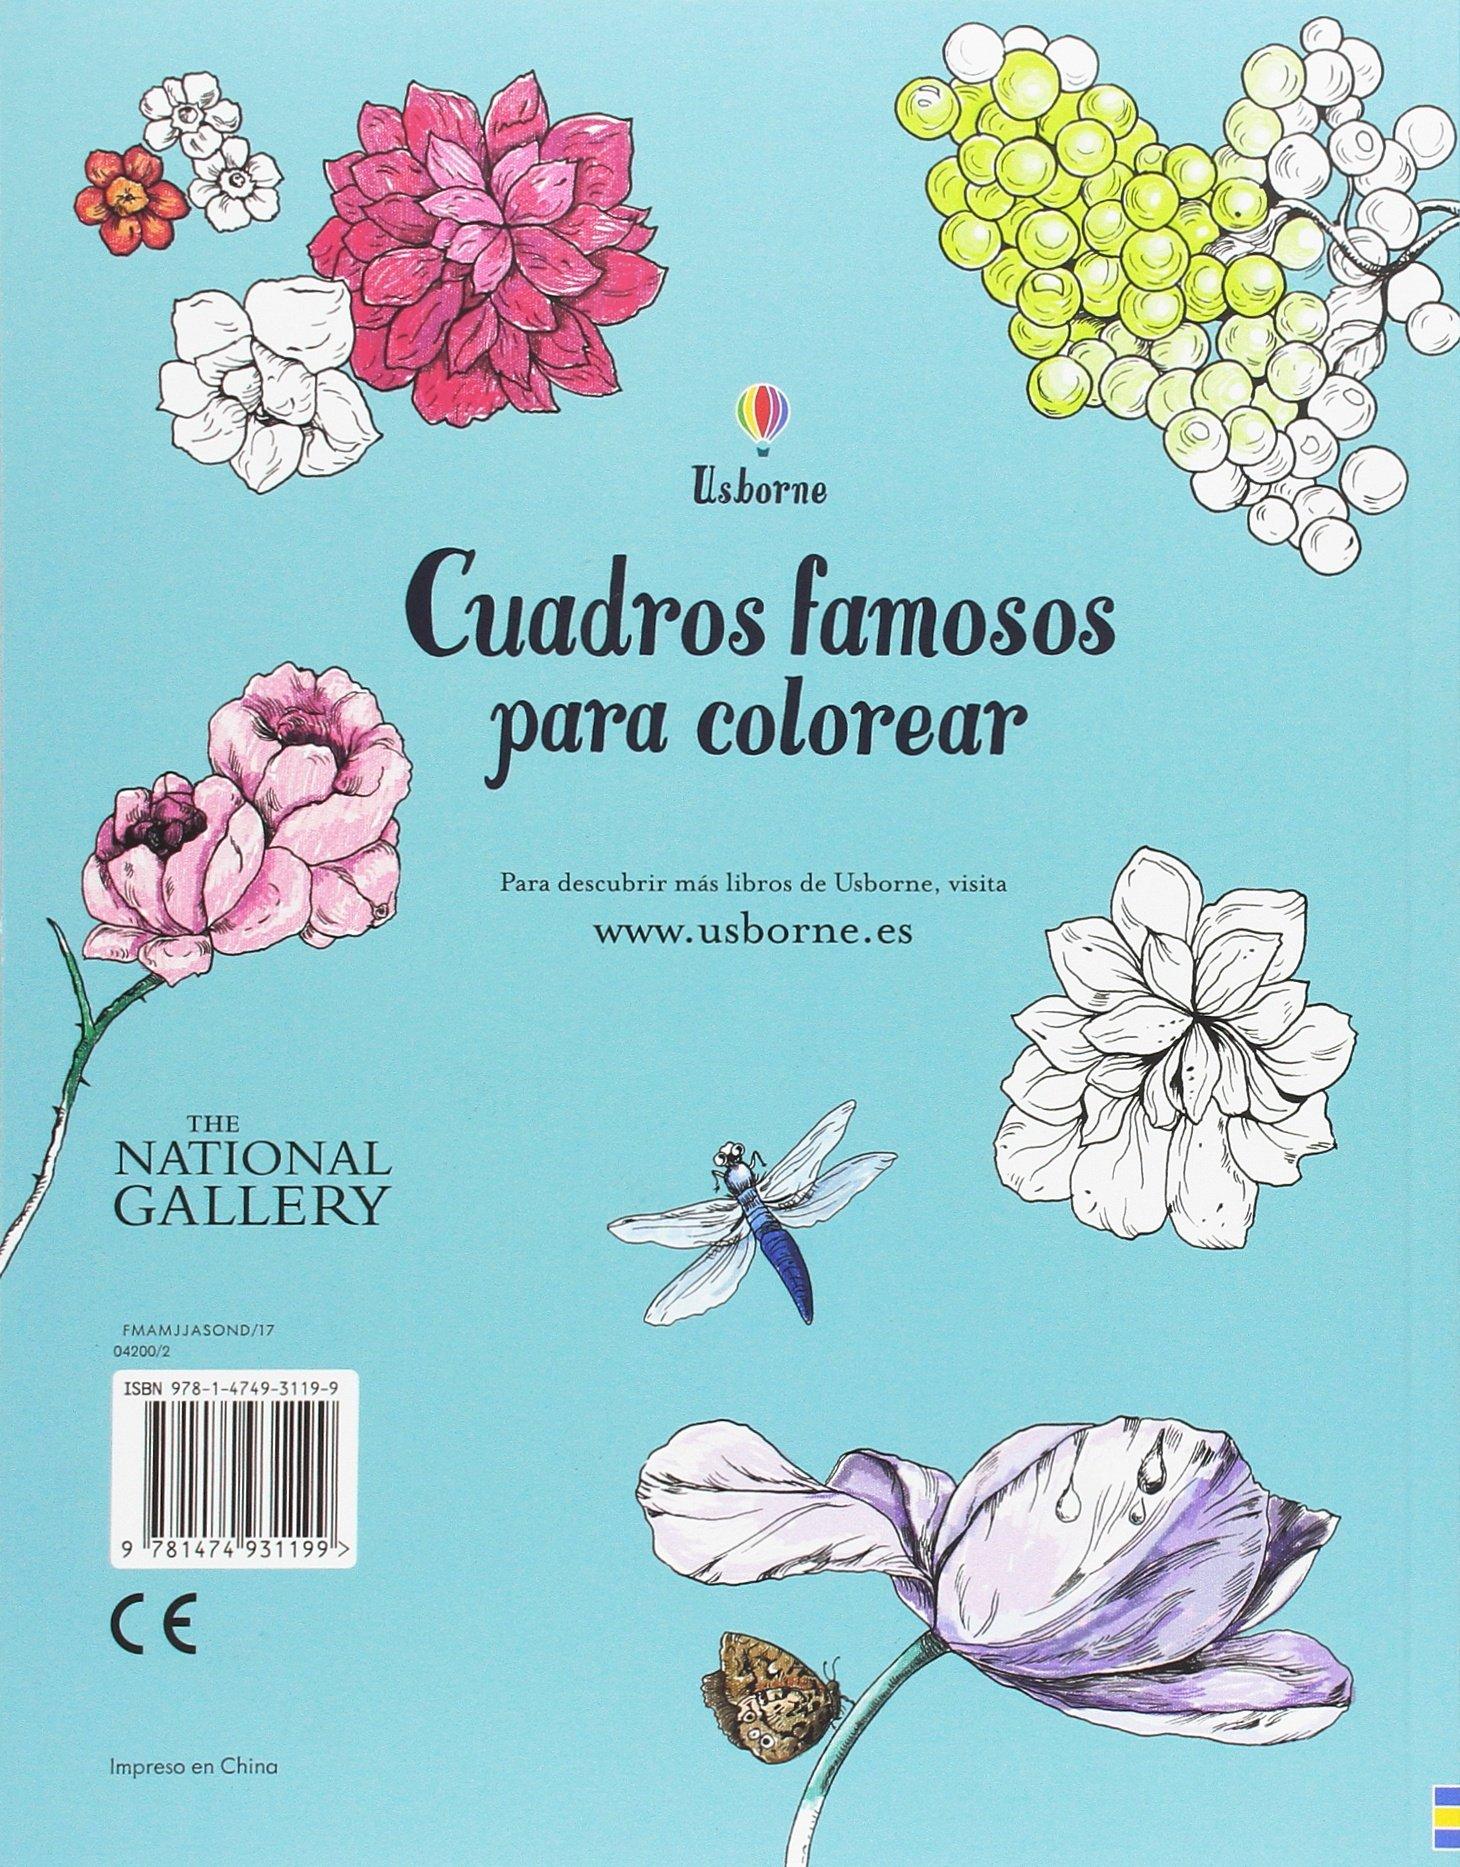 Cuadros famosos para colorear: Amazon.es: Susan Meredith: Libros